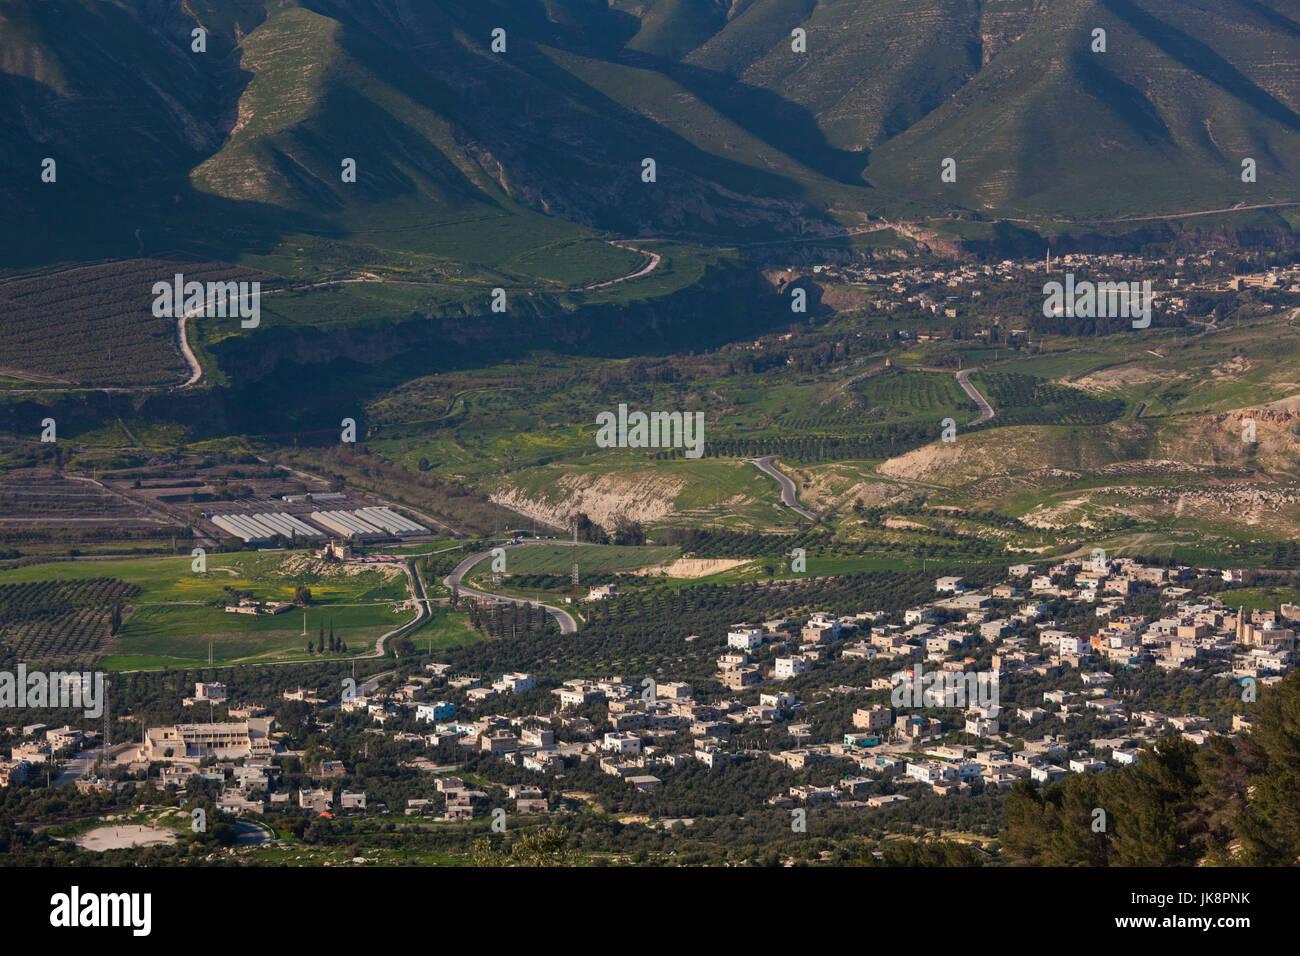 Giordania, Umm Qais-Gadara, vista verso le alture del Golan e il lago di Galilea Immagini Stock